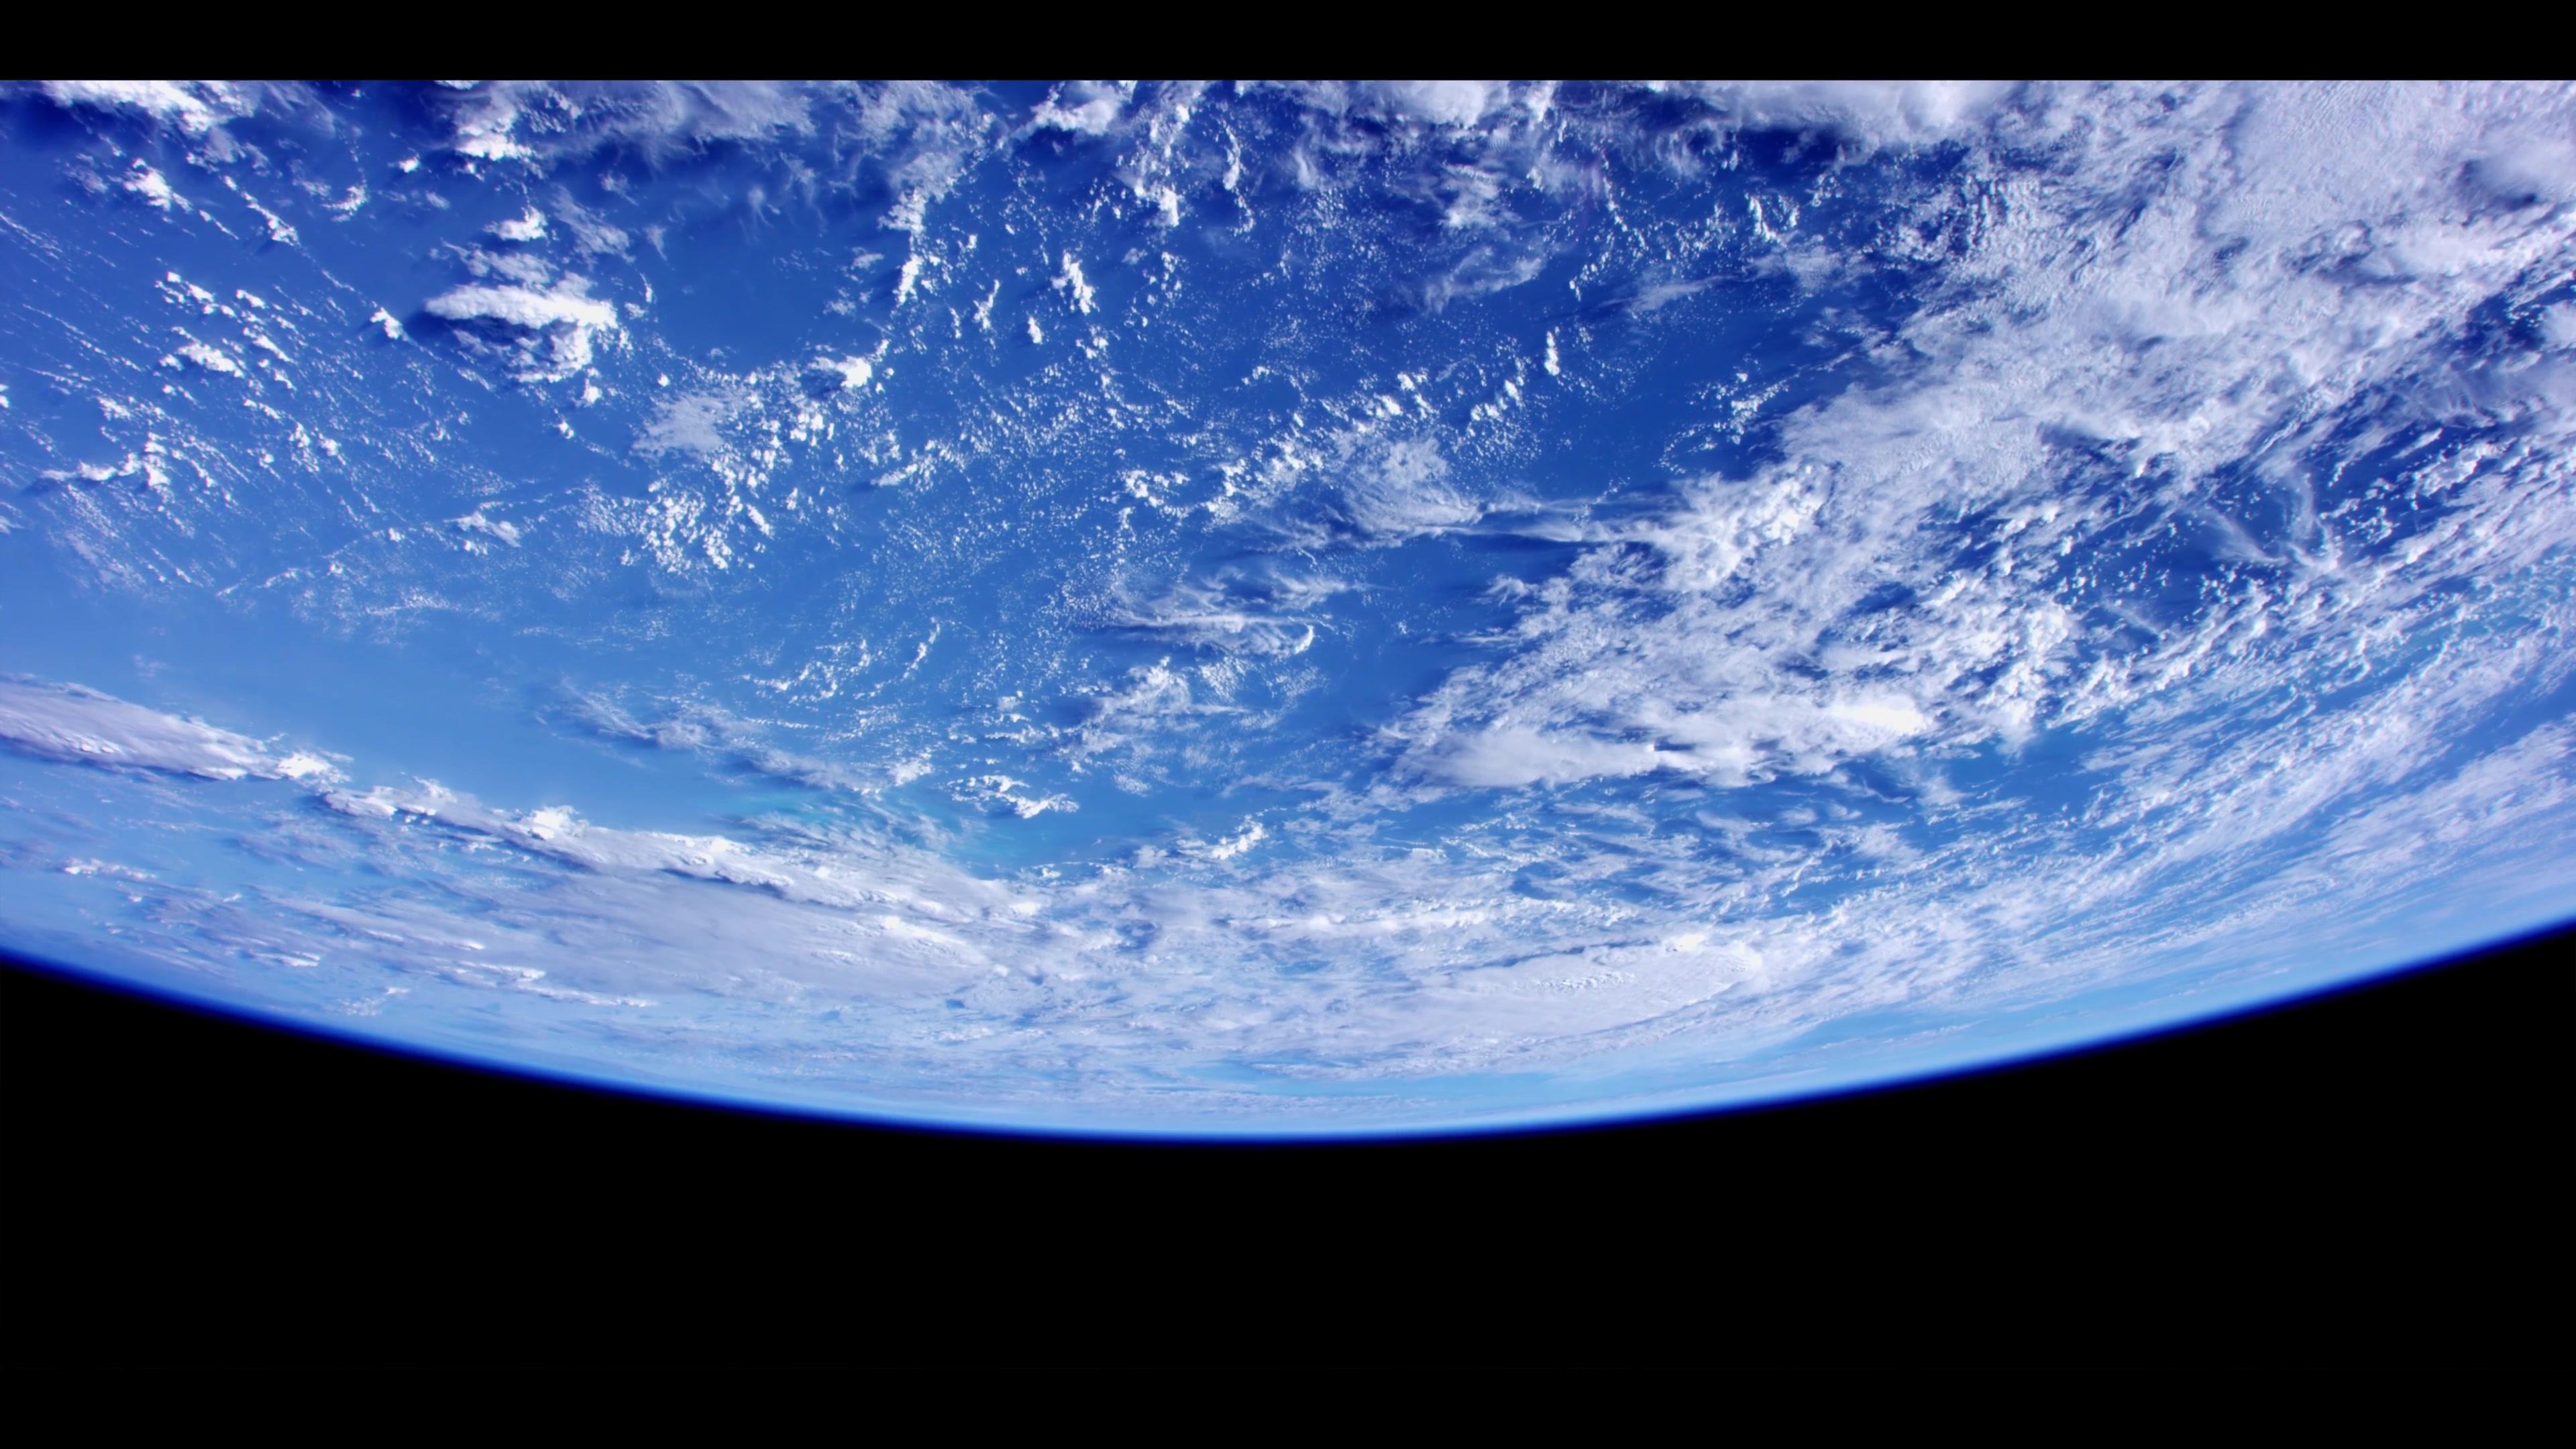 地球-设计素材